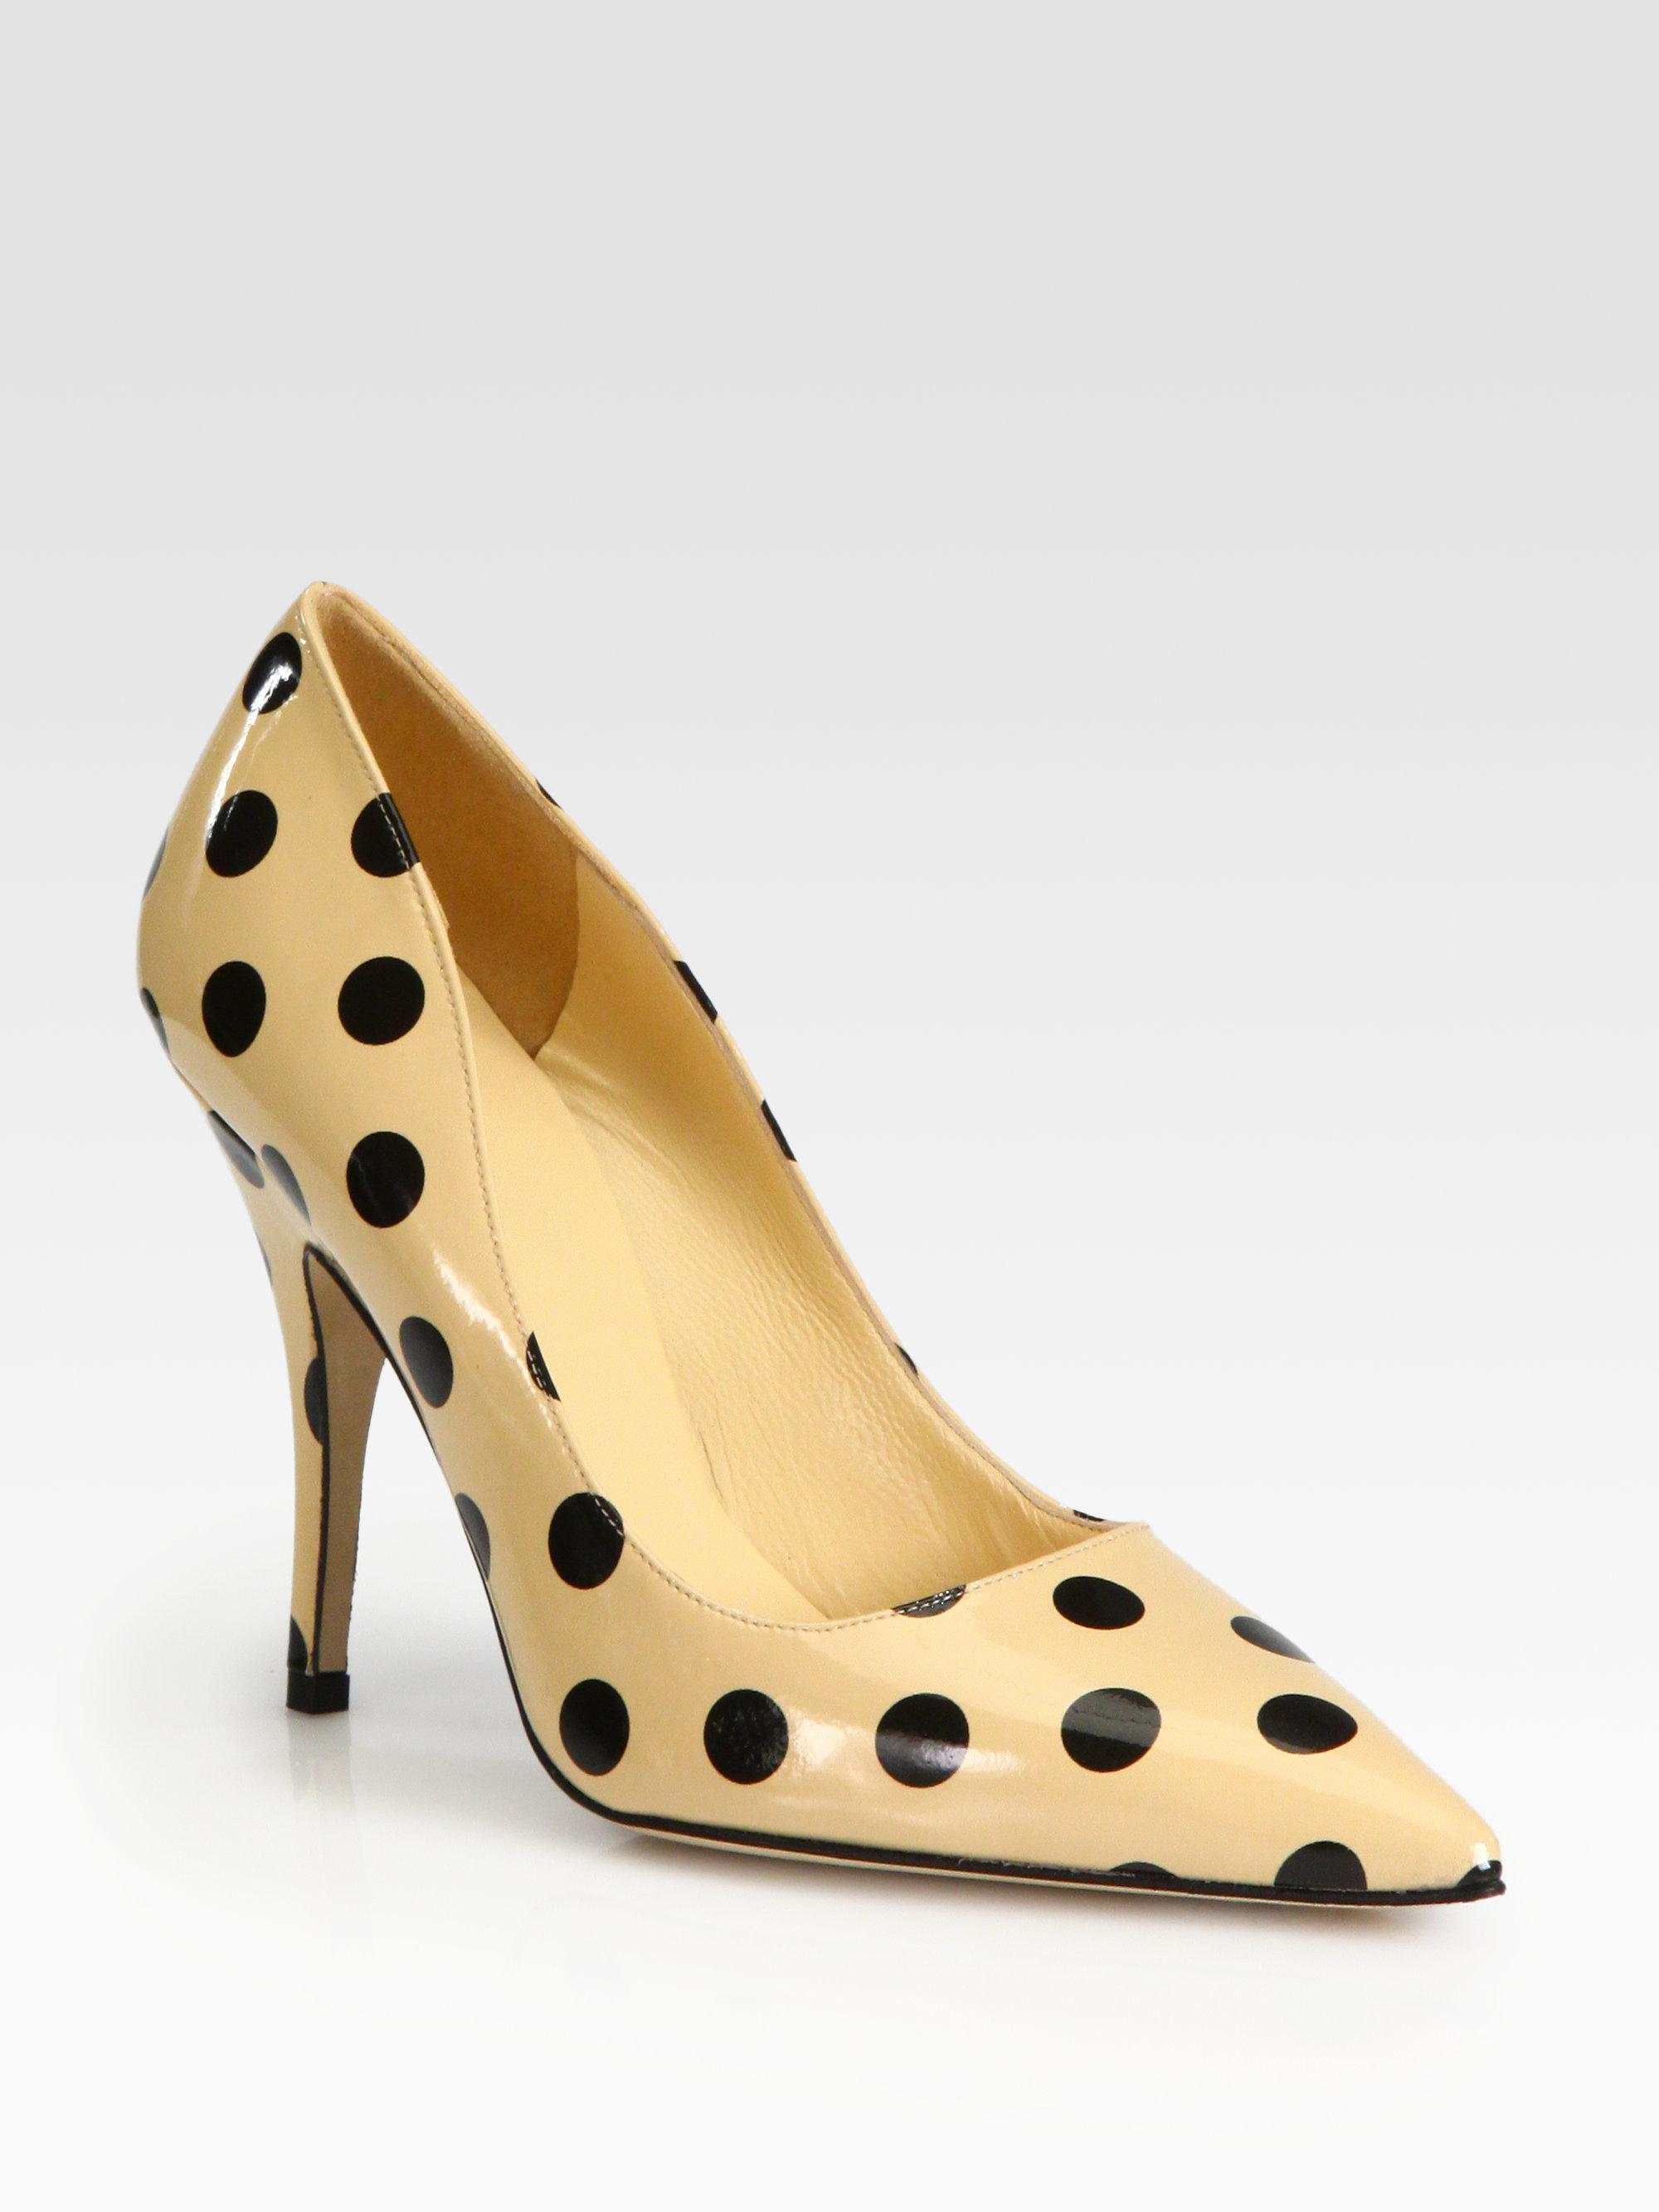 Black Polka Dot Wedge Shoes